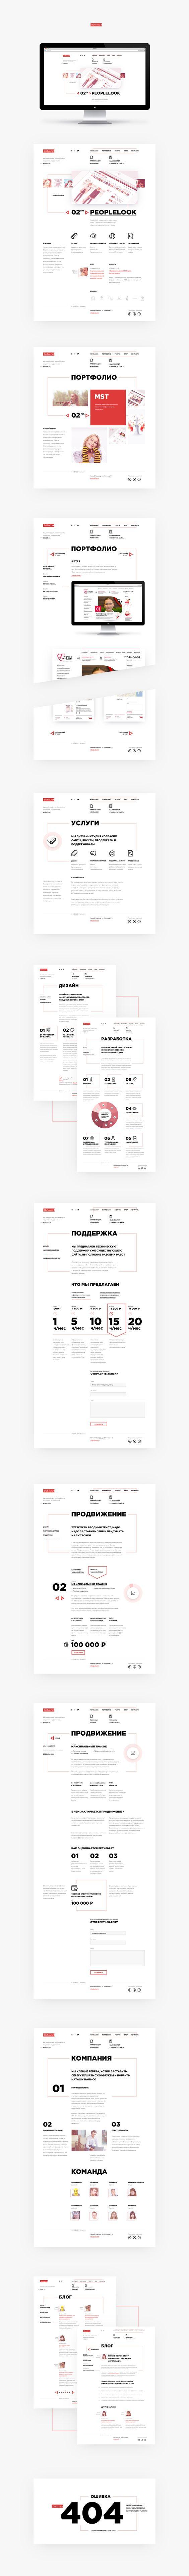 Dmitry Kolesnikov on Behance